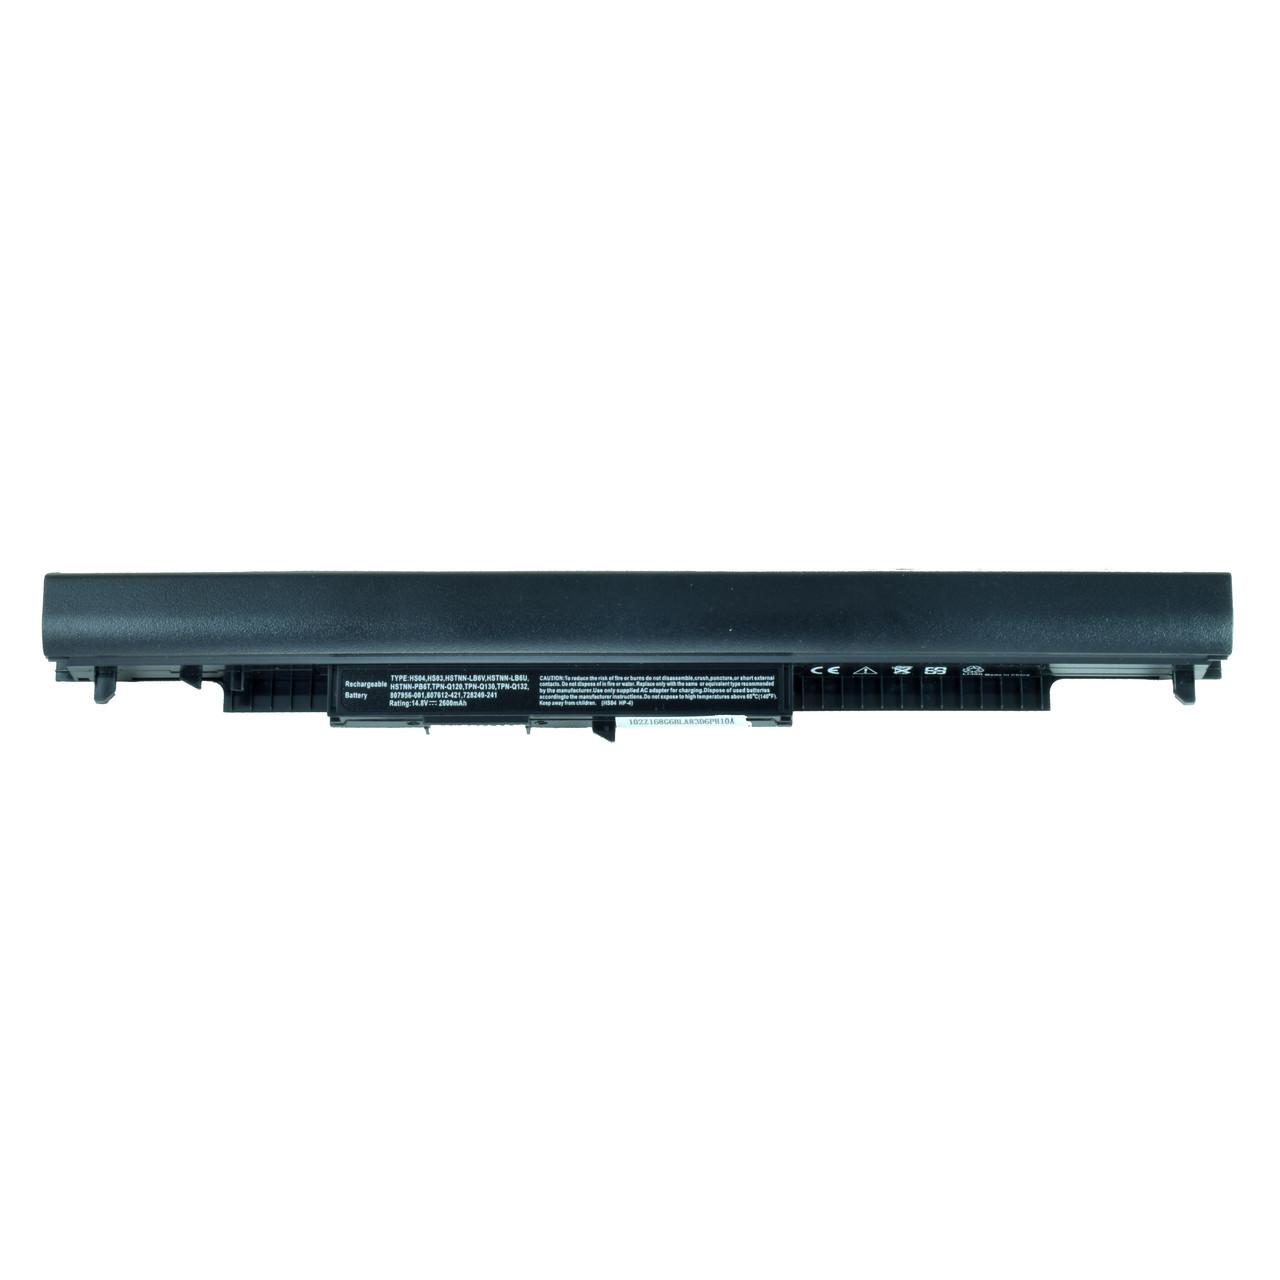 Батарея для ноутбука HP TPN-Q132 807612-421 807956-001 728249-241